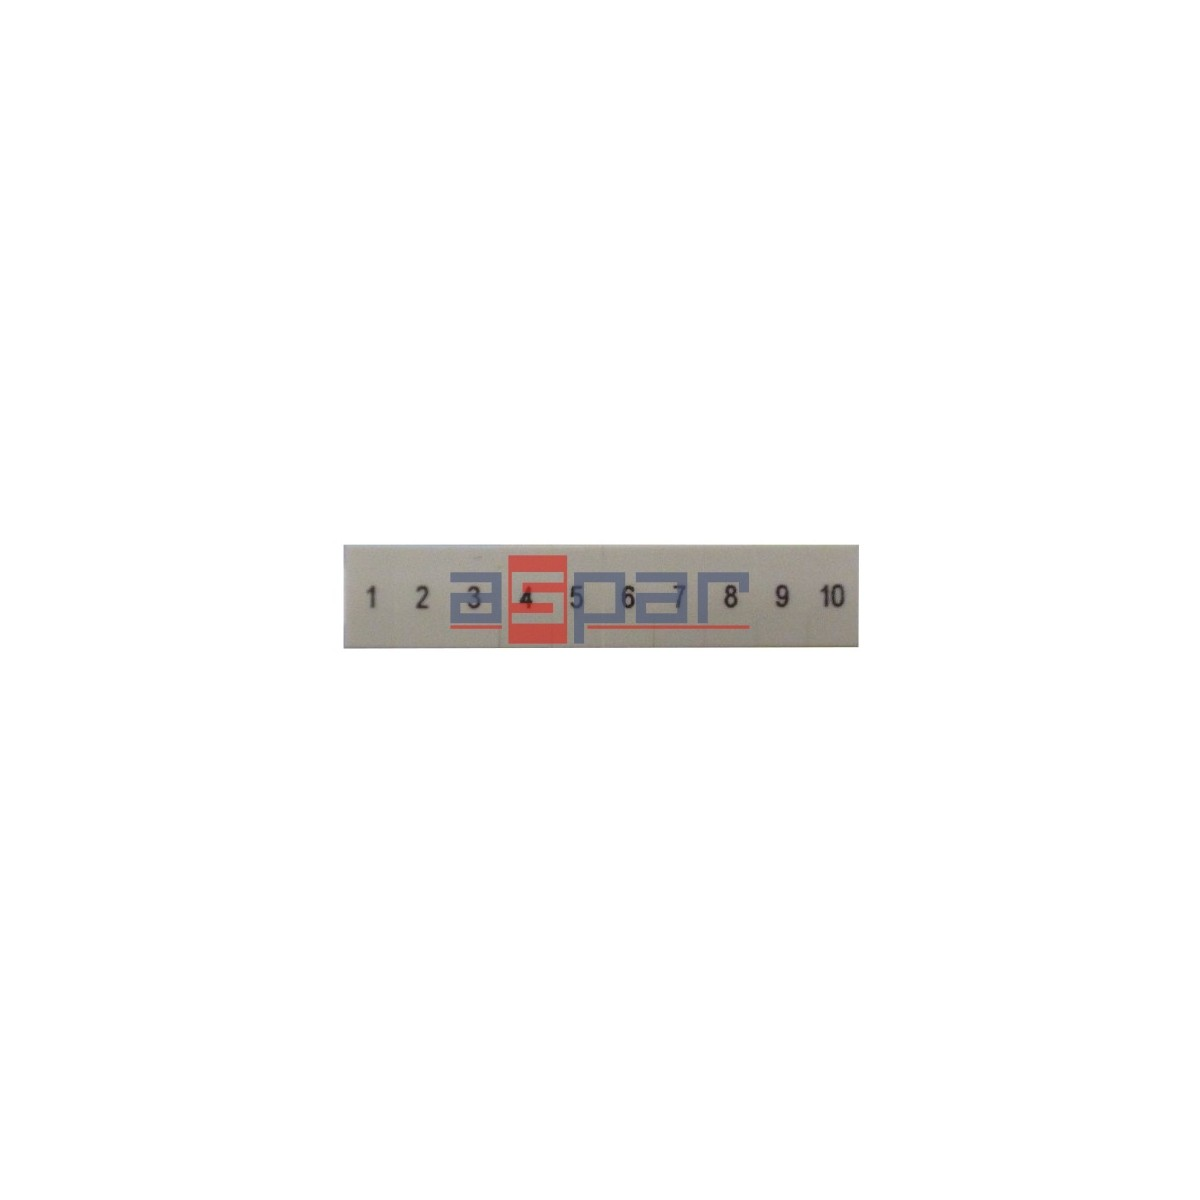 ZB 5,LGS:FORTL.ZAHLEN 1-10 - oznacznik do złączek UT 2,5